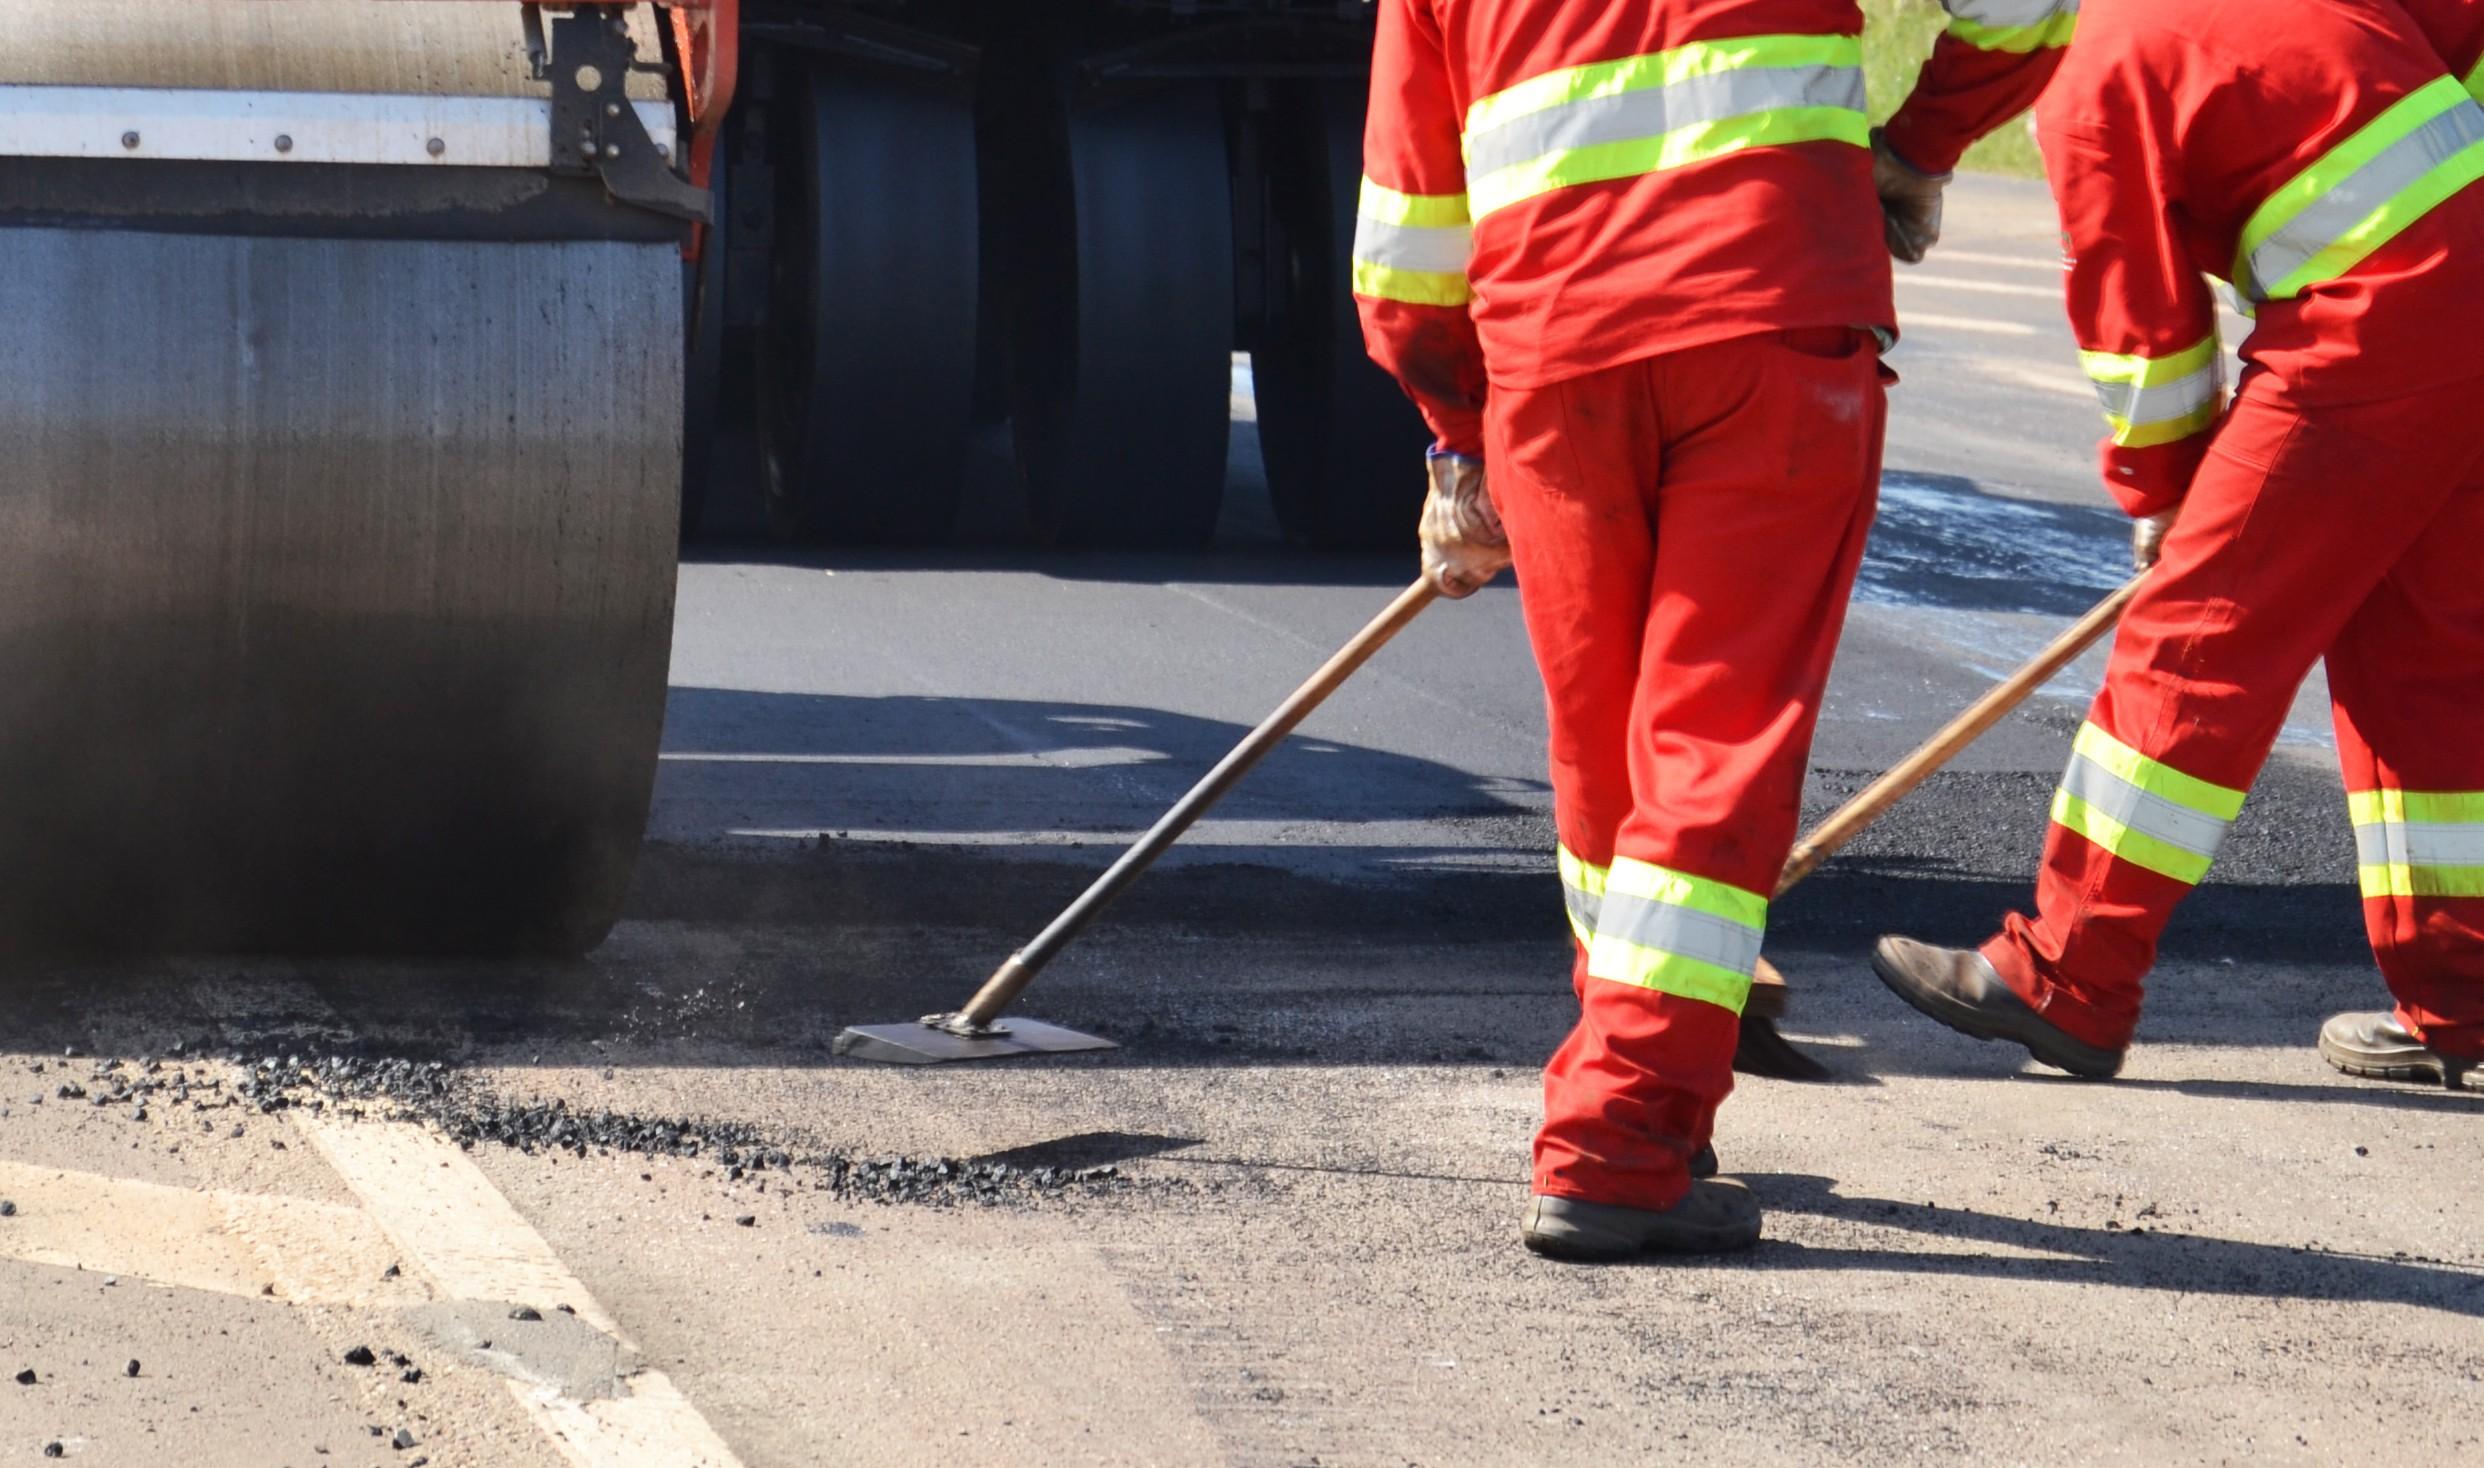 Obras alteram trânsito na BR-373, em Ponta Grossa, a partir de segunda-feira (26)